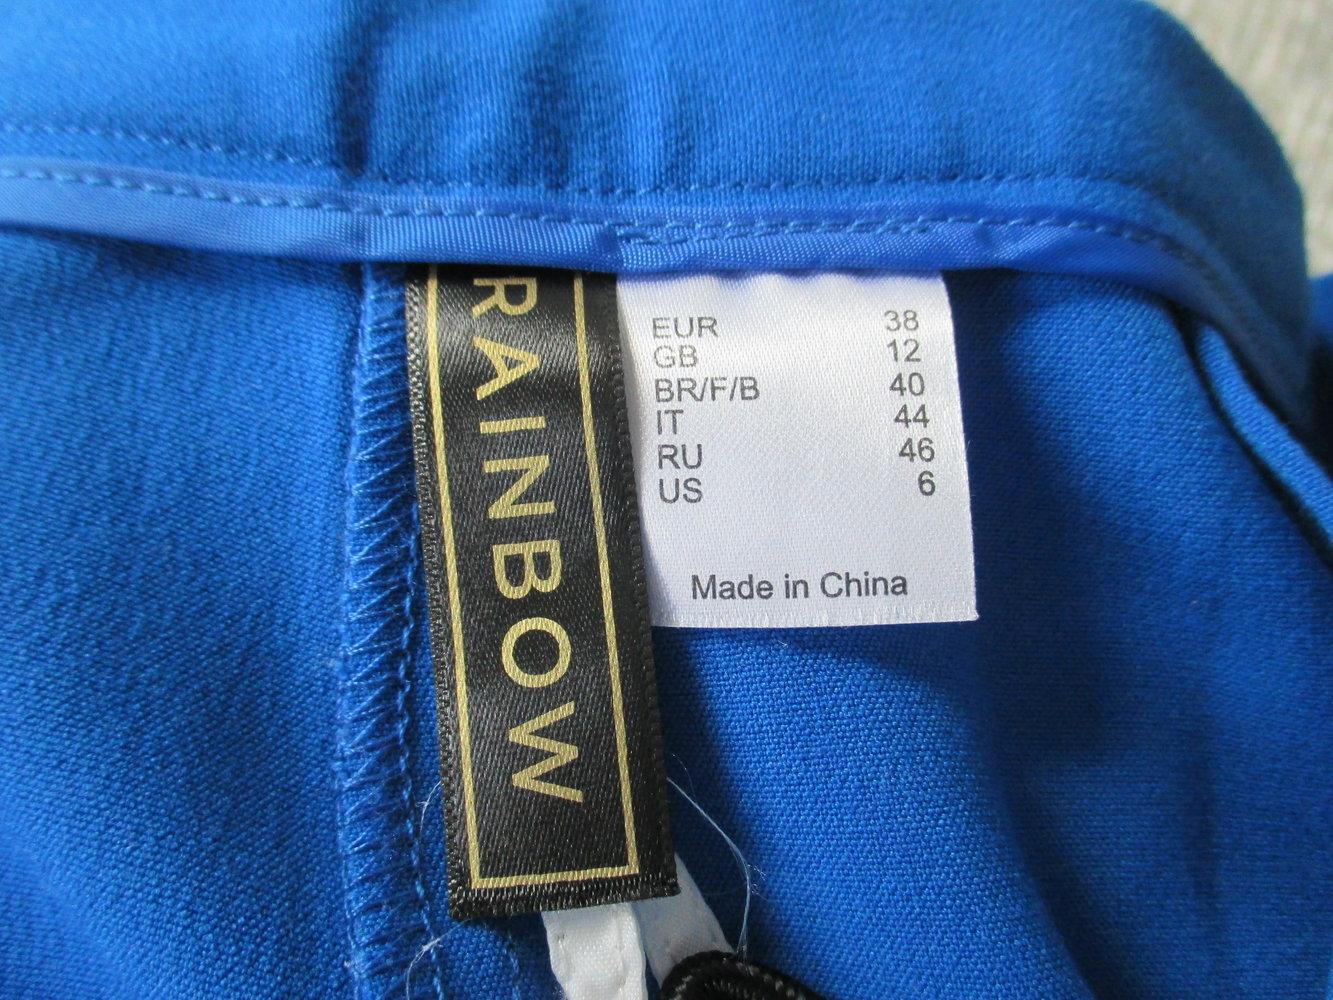 königsblaue Shorts von Rainbow, Gr. 38, seitl. Reißverschluss ... f243da7ff3